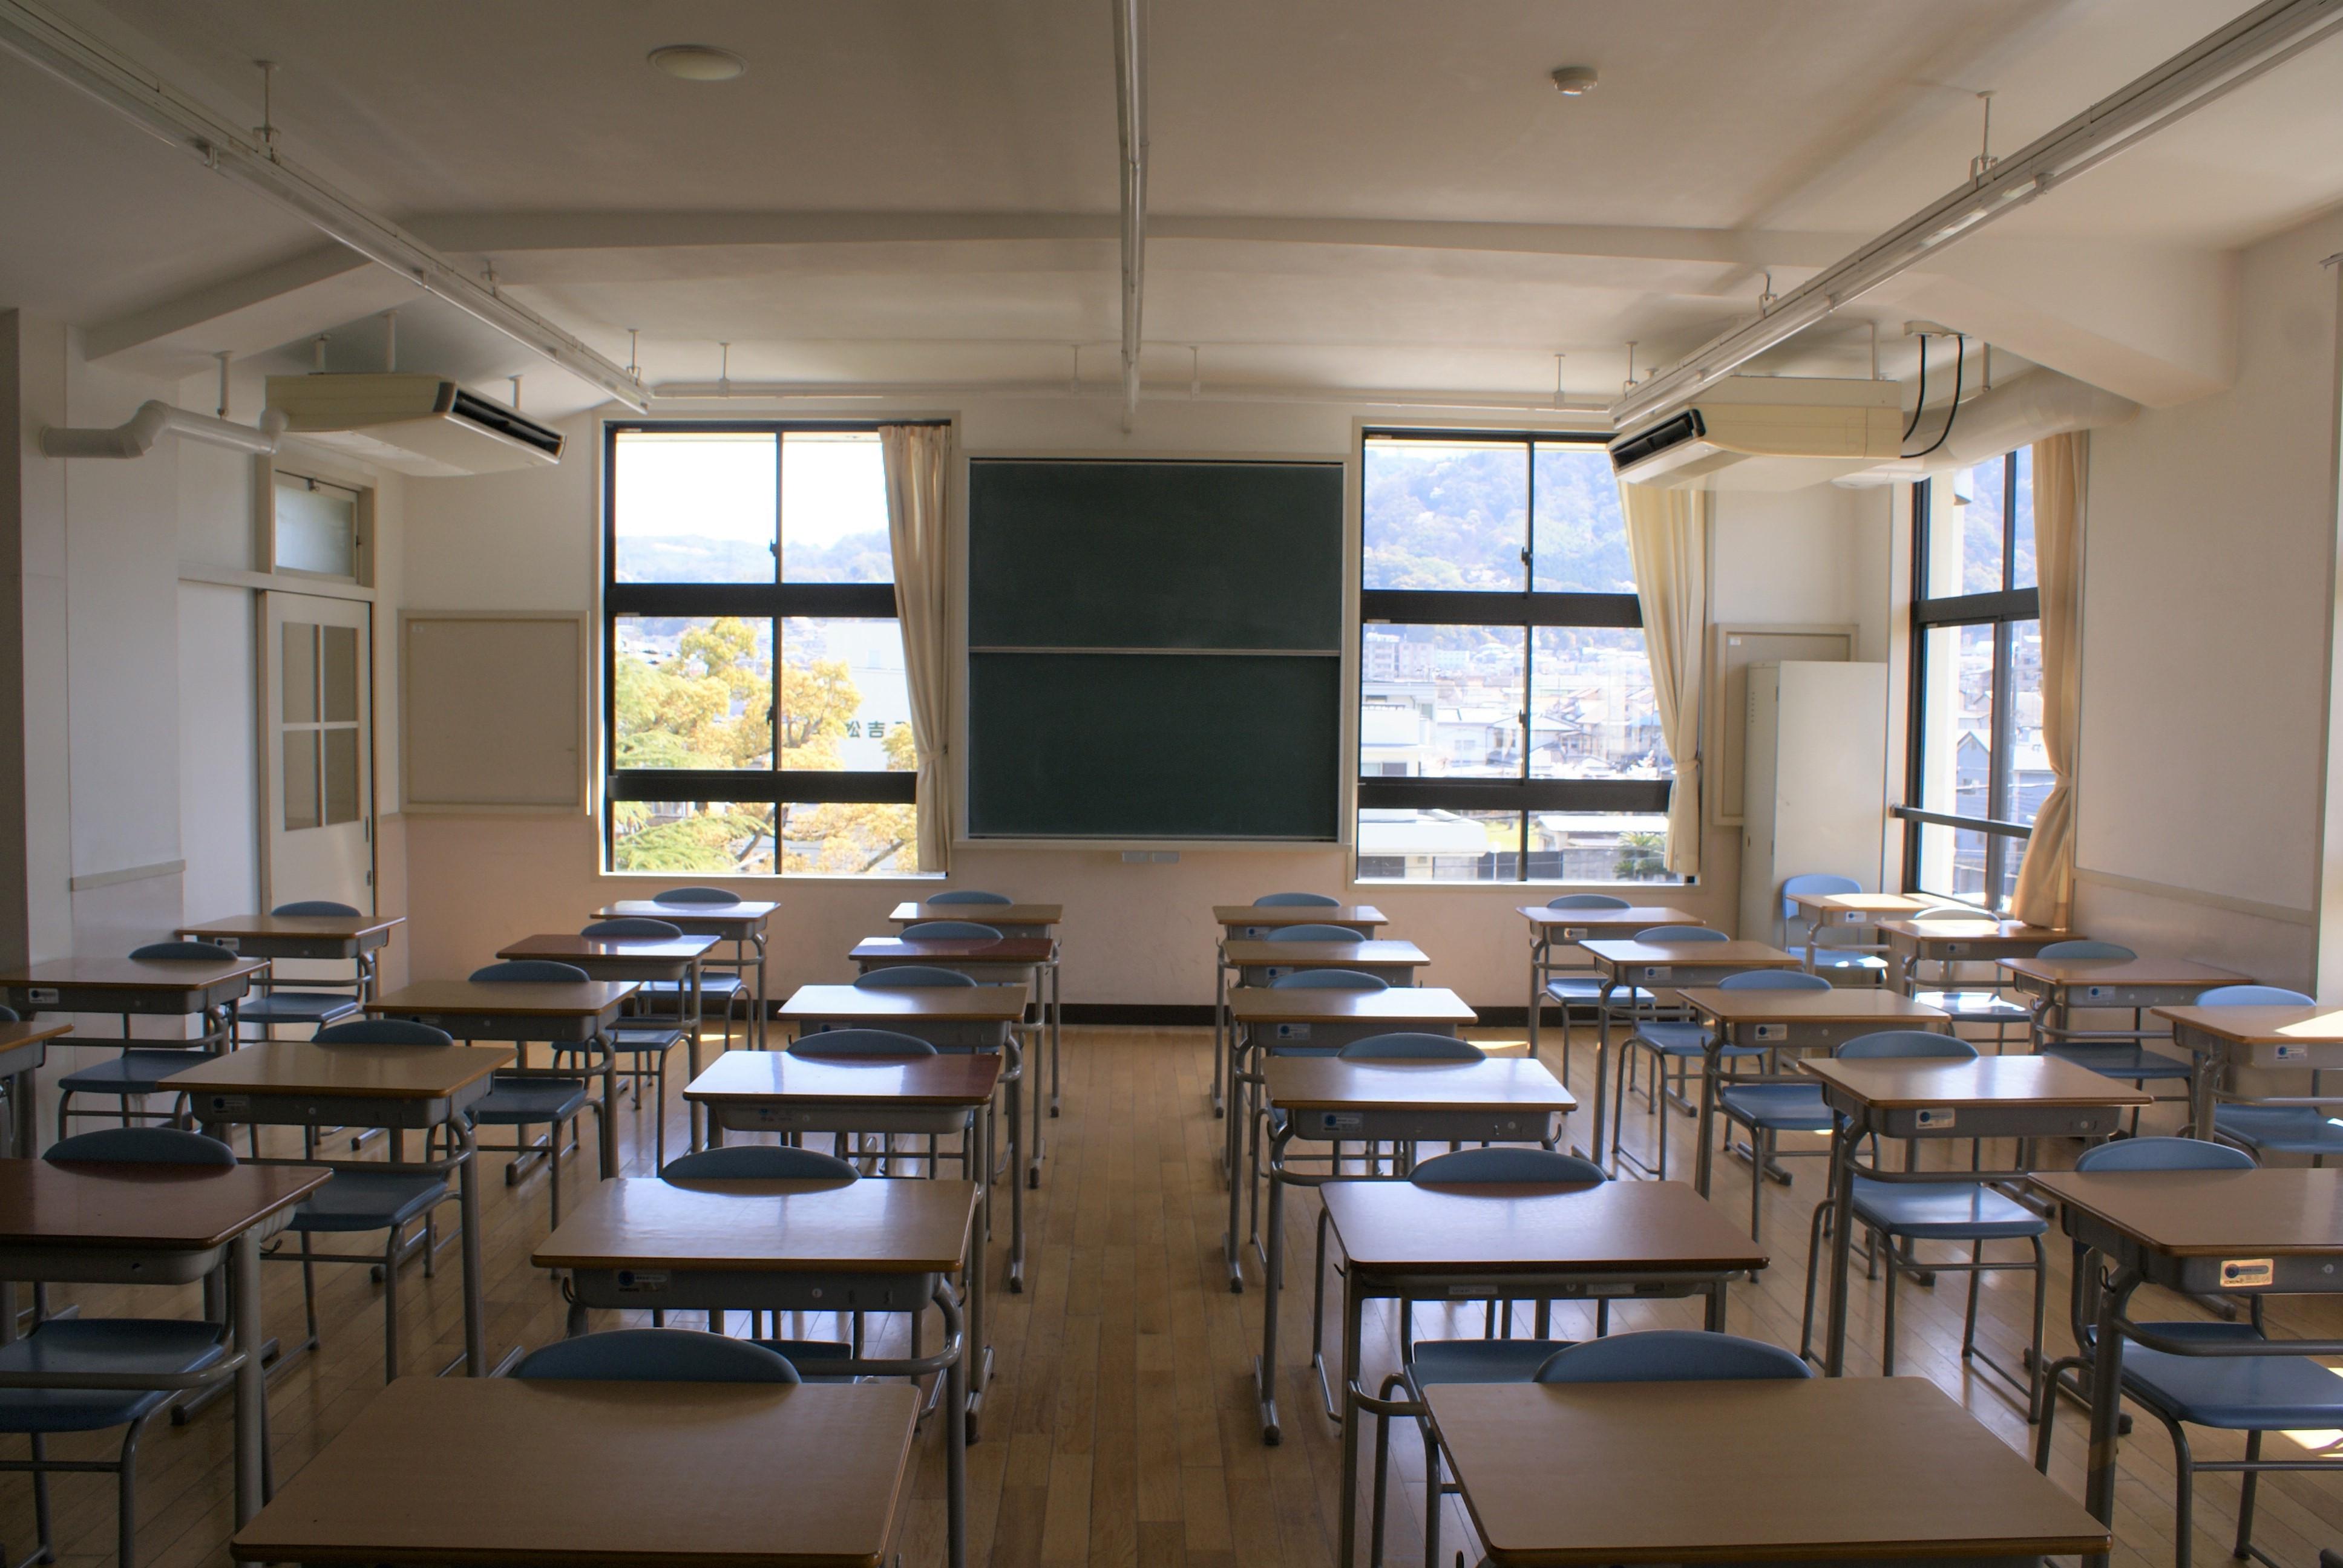 <p>北側東西棟 2階東端の教室</p>教室の大きさは、4間X5間を基本にしている。室内は石膏プラスター仕上げとし、スラブや梁型に直接塗り上げていた。梁は柱の付け根でハンチを大きくとっている。改修工事で床をかさ上げしたため、窓下端が低くなっている。東側の窓からは、飯盛山が見える。